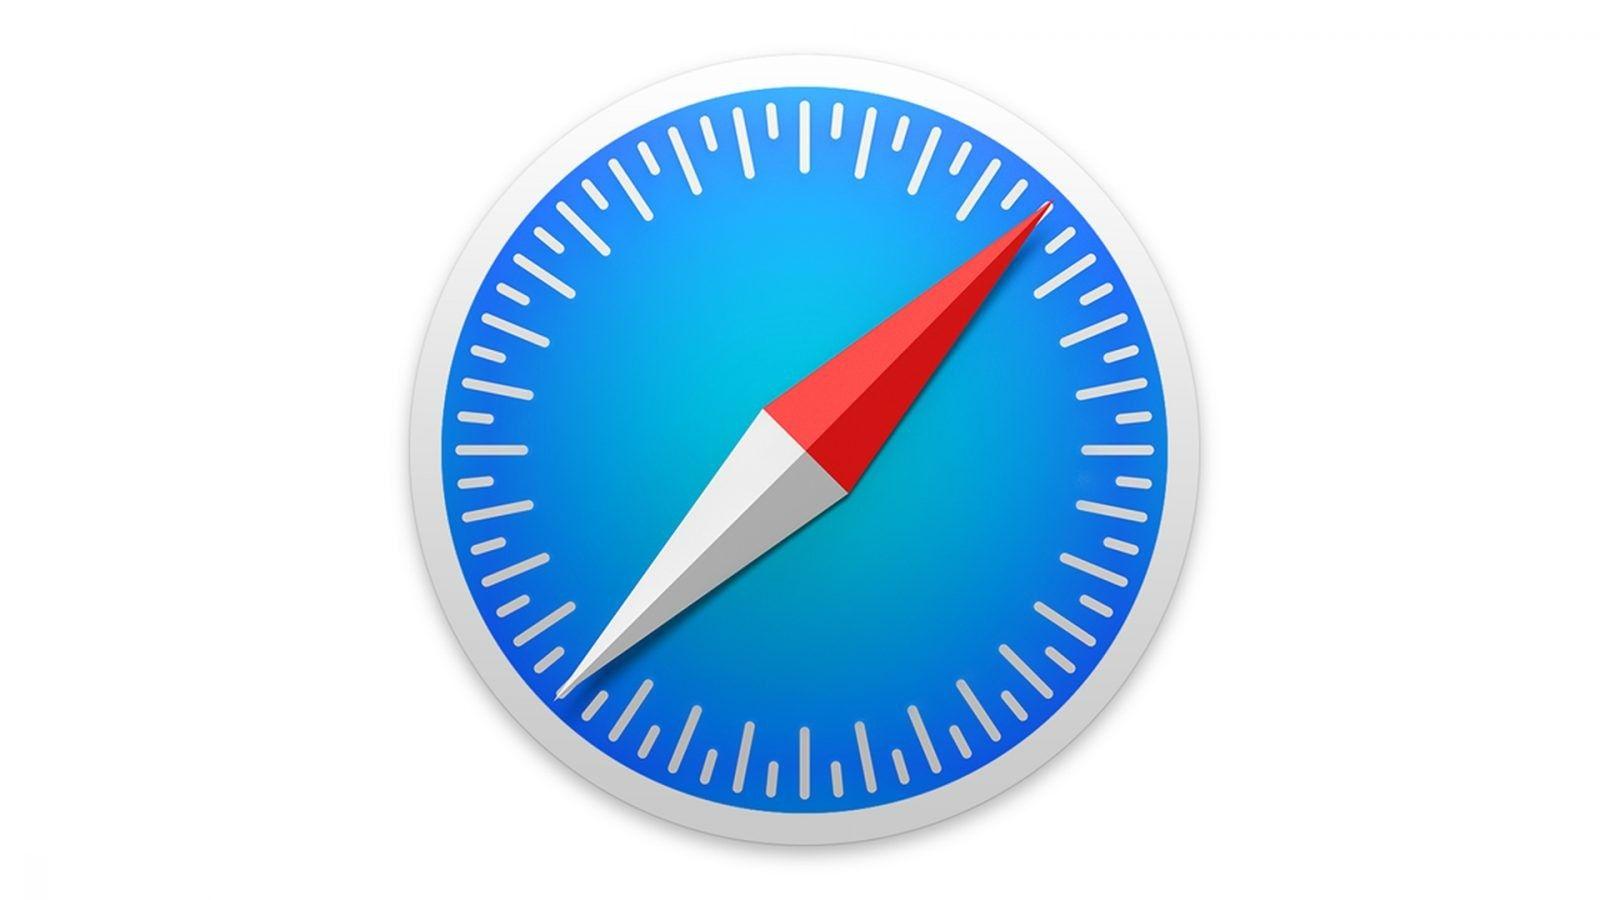 Aktualizacja przeglądarki Safari na systemach macOS Catalina i Mojave